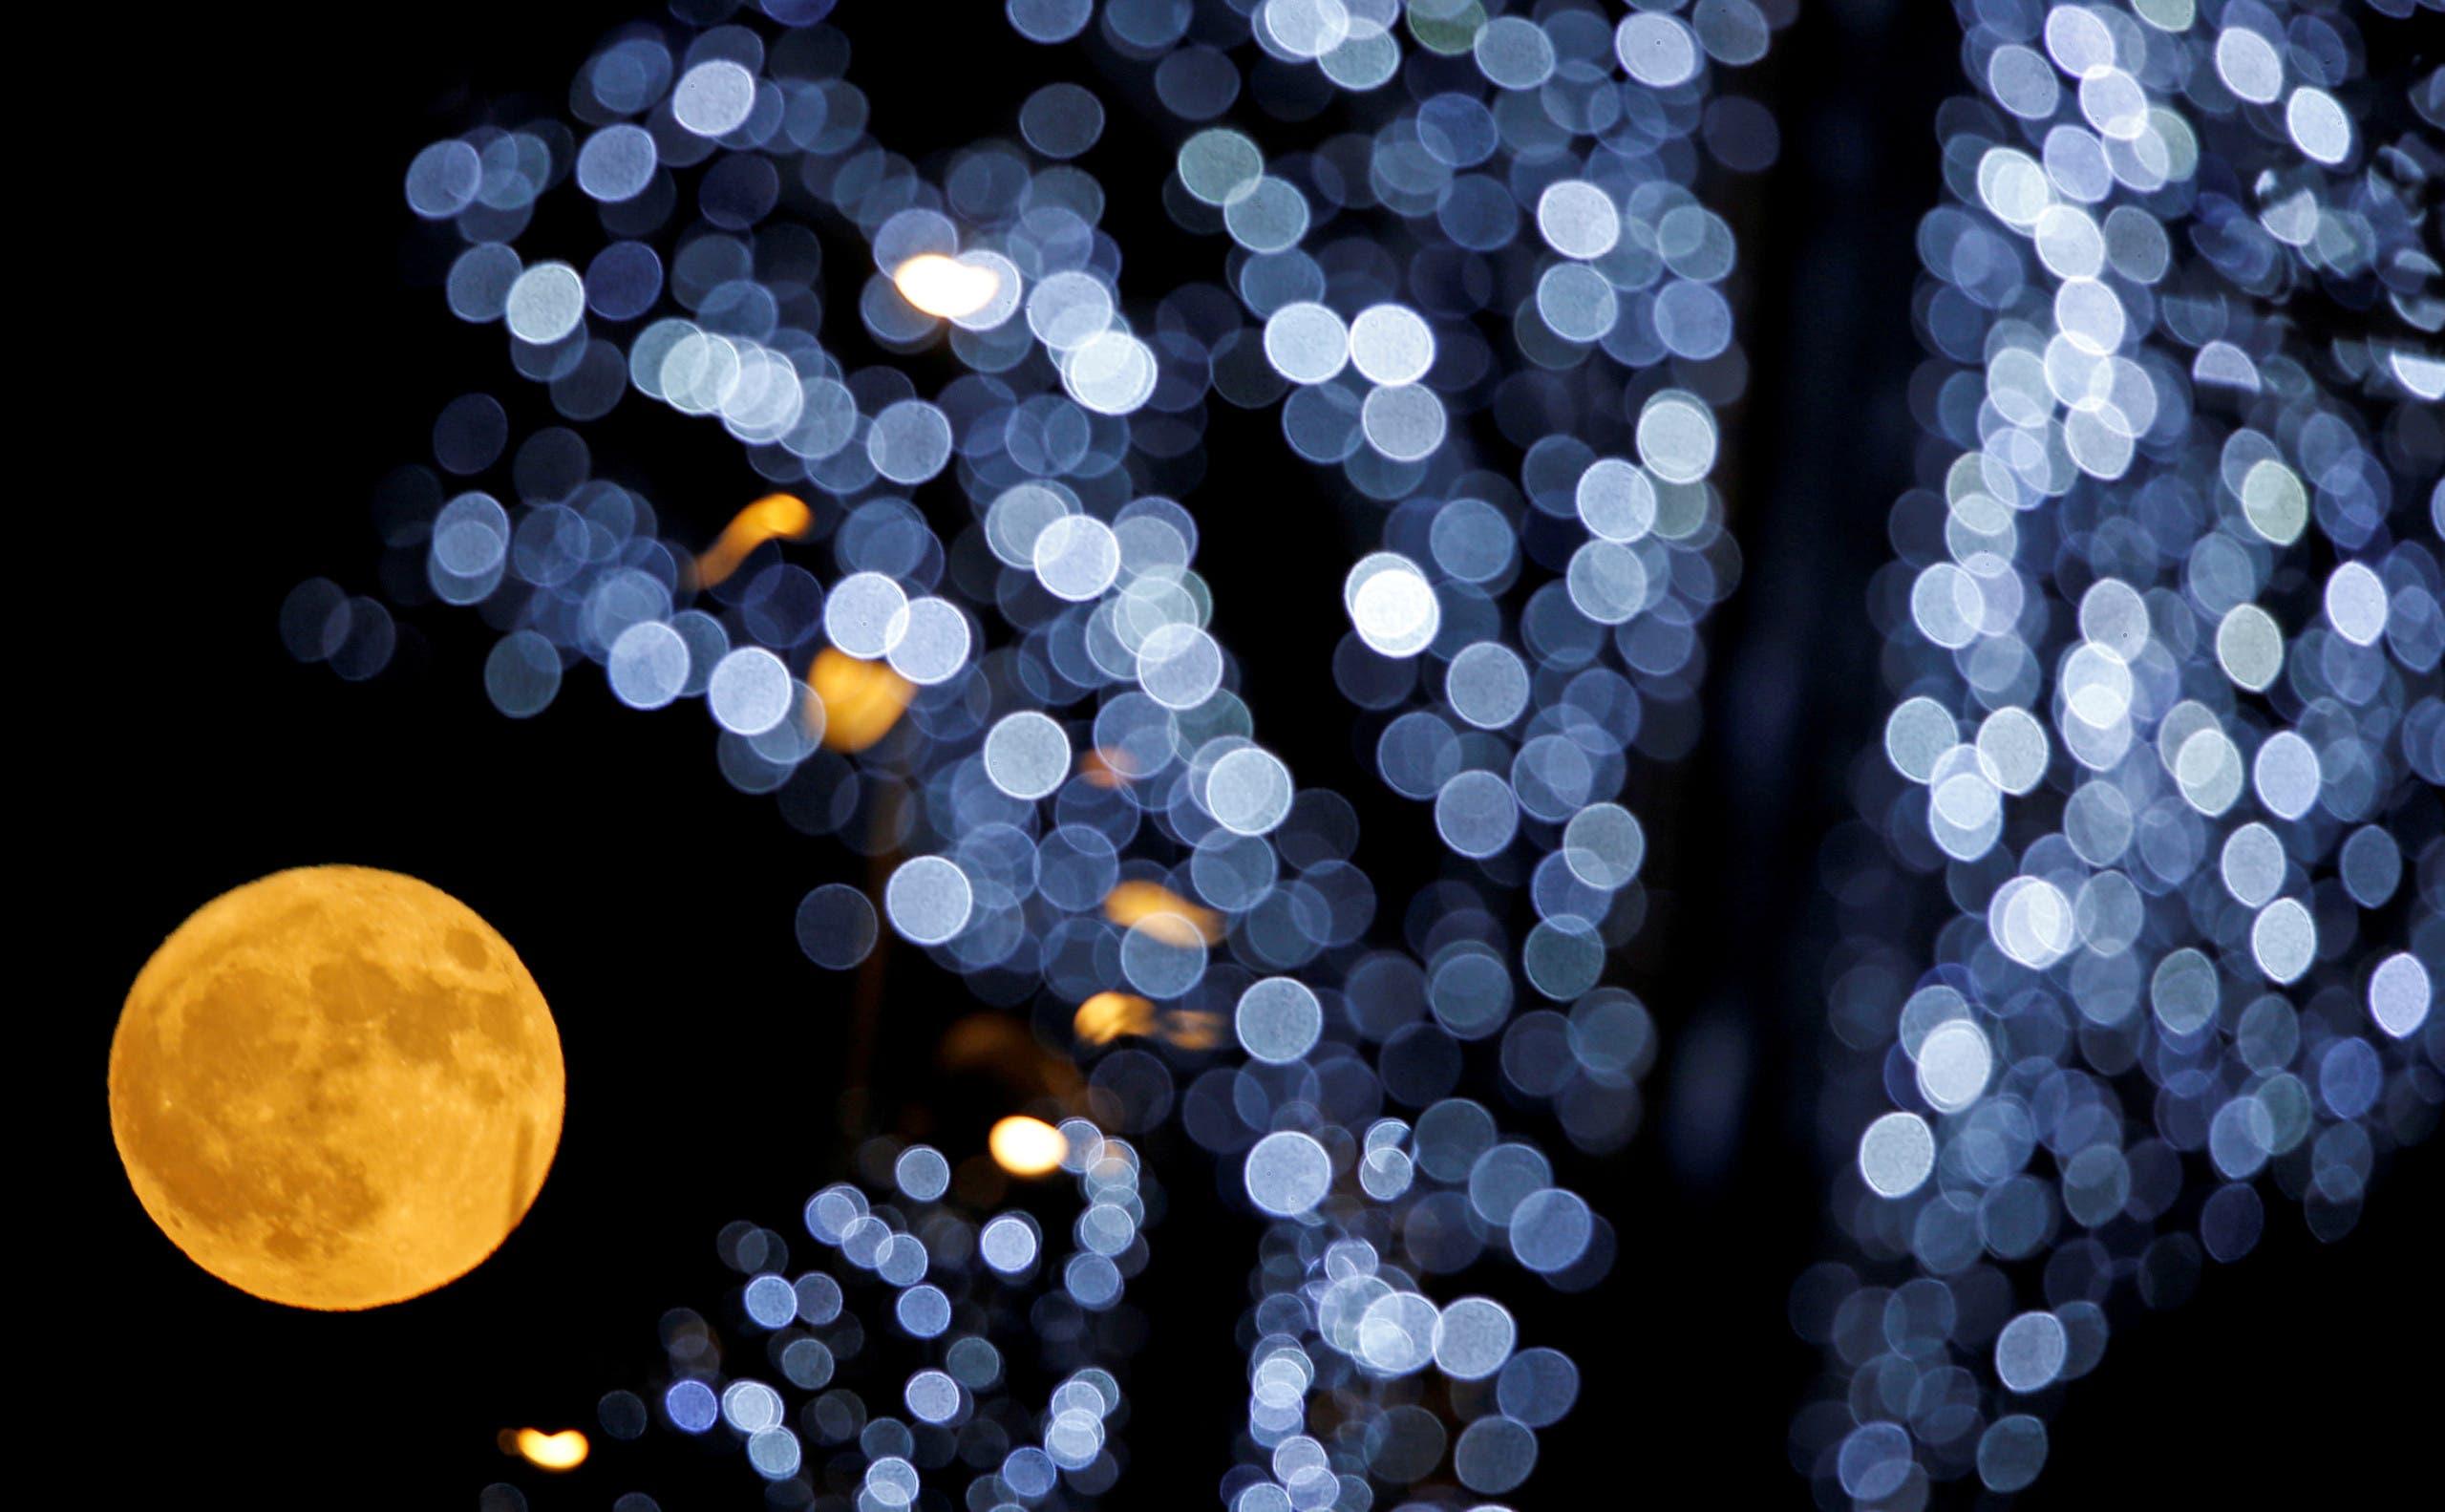 القمر العملاق في سماء مرسيليا بجنوب فرنسا